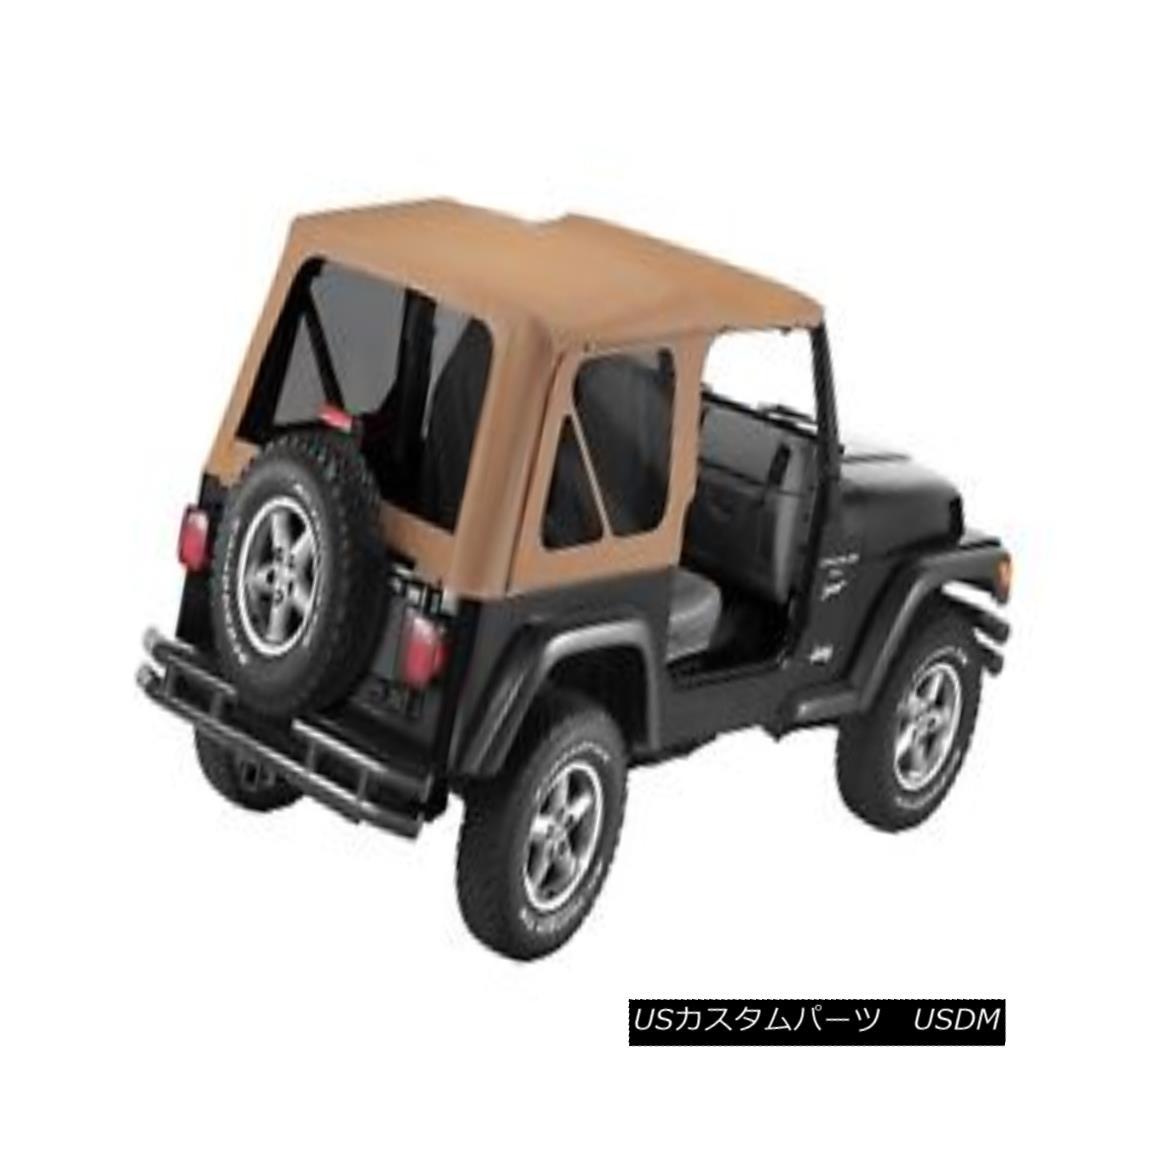 幌・ソフトトップ Bestop 51127-37 Jeep Replace-a-Top Soft Top Spice Bestop 51127-37 Jeep Replace-a-Topソフトトップスパイス